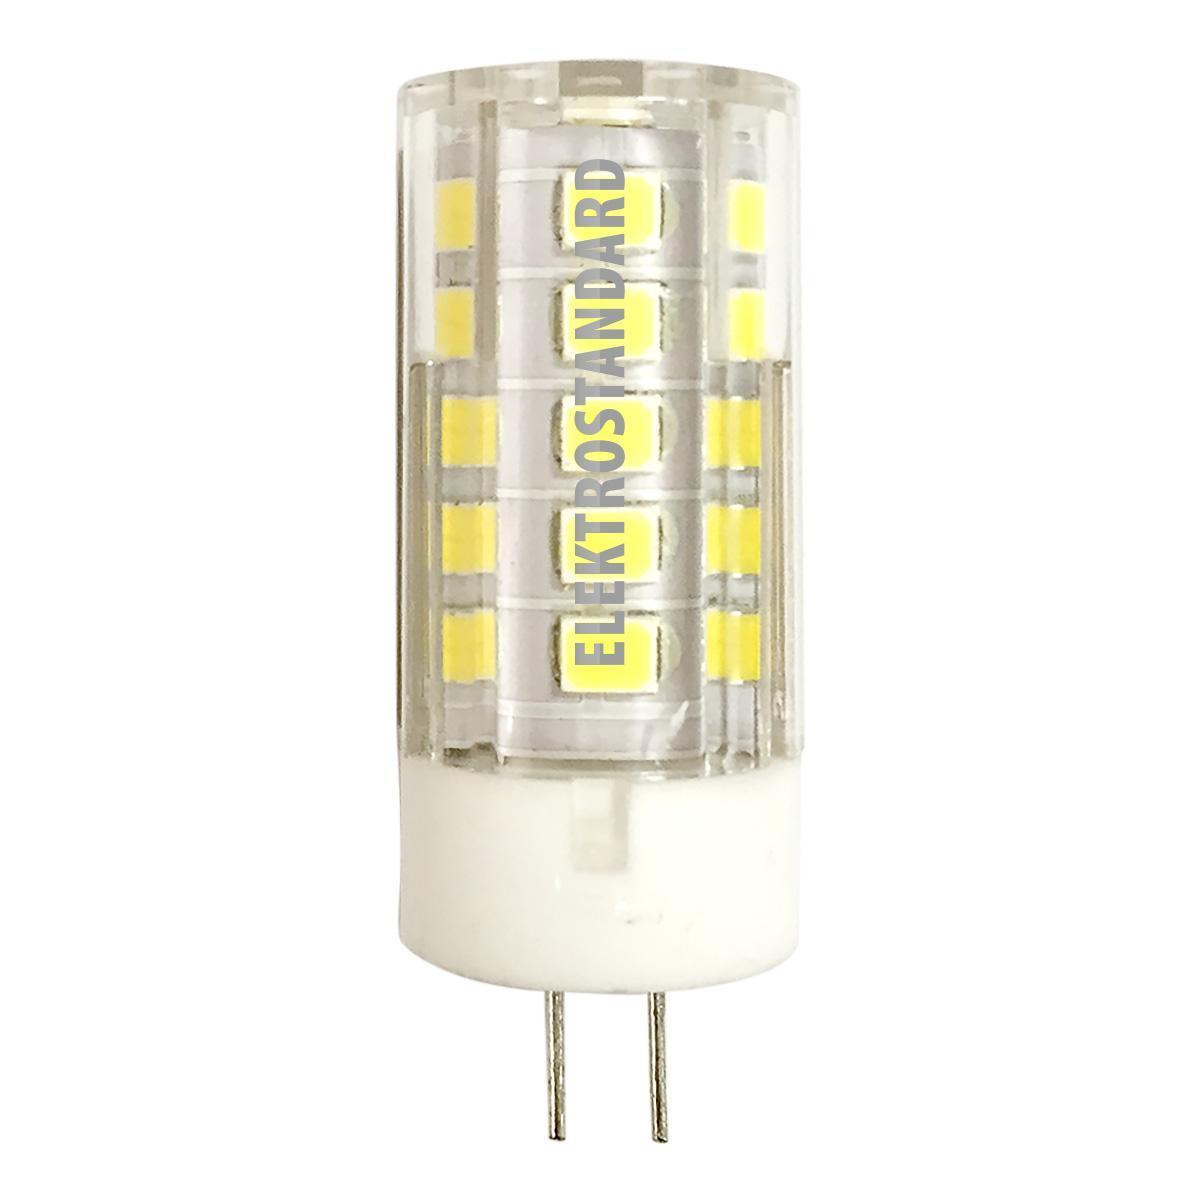 Лампа светодиодная G4 5W 4200K прозрачная 4690389093661 лампа светодиодная elektrostandard 4690389093661